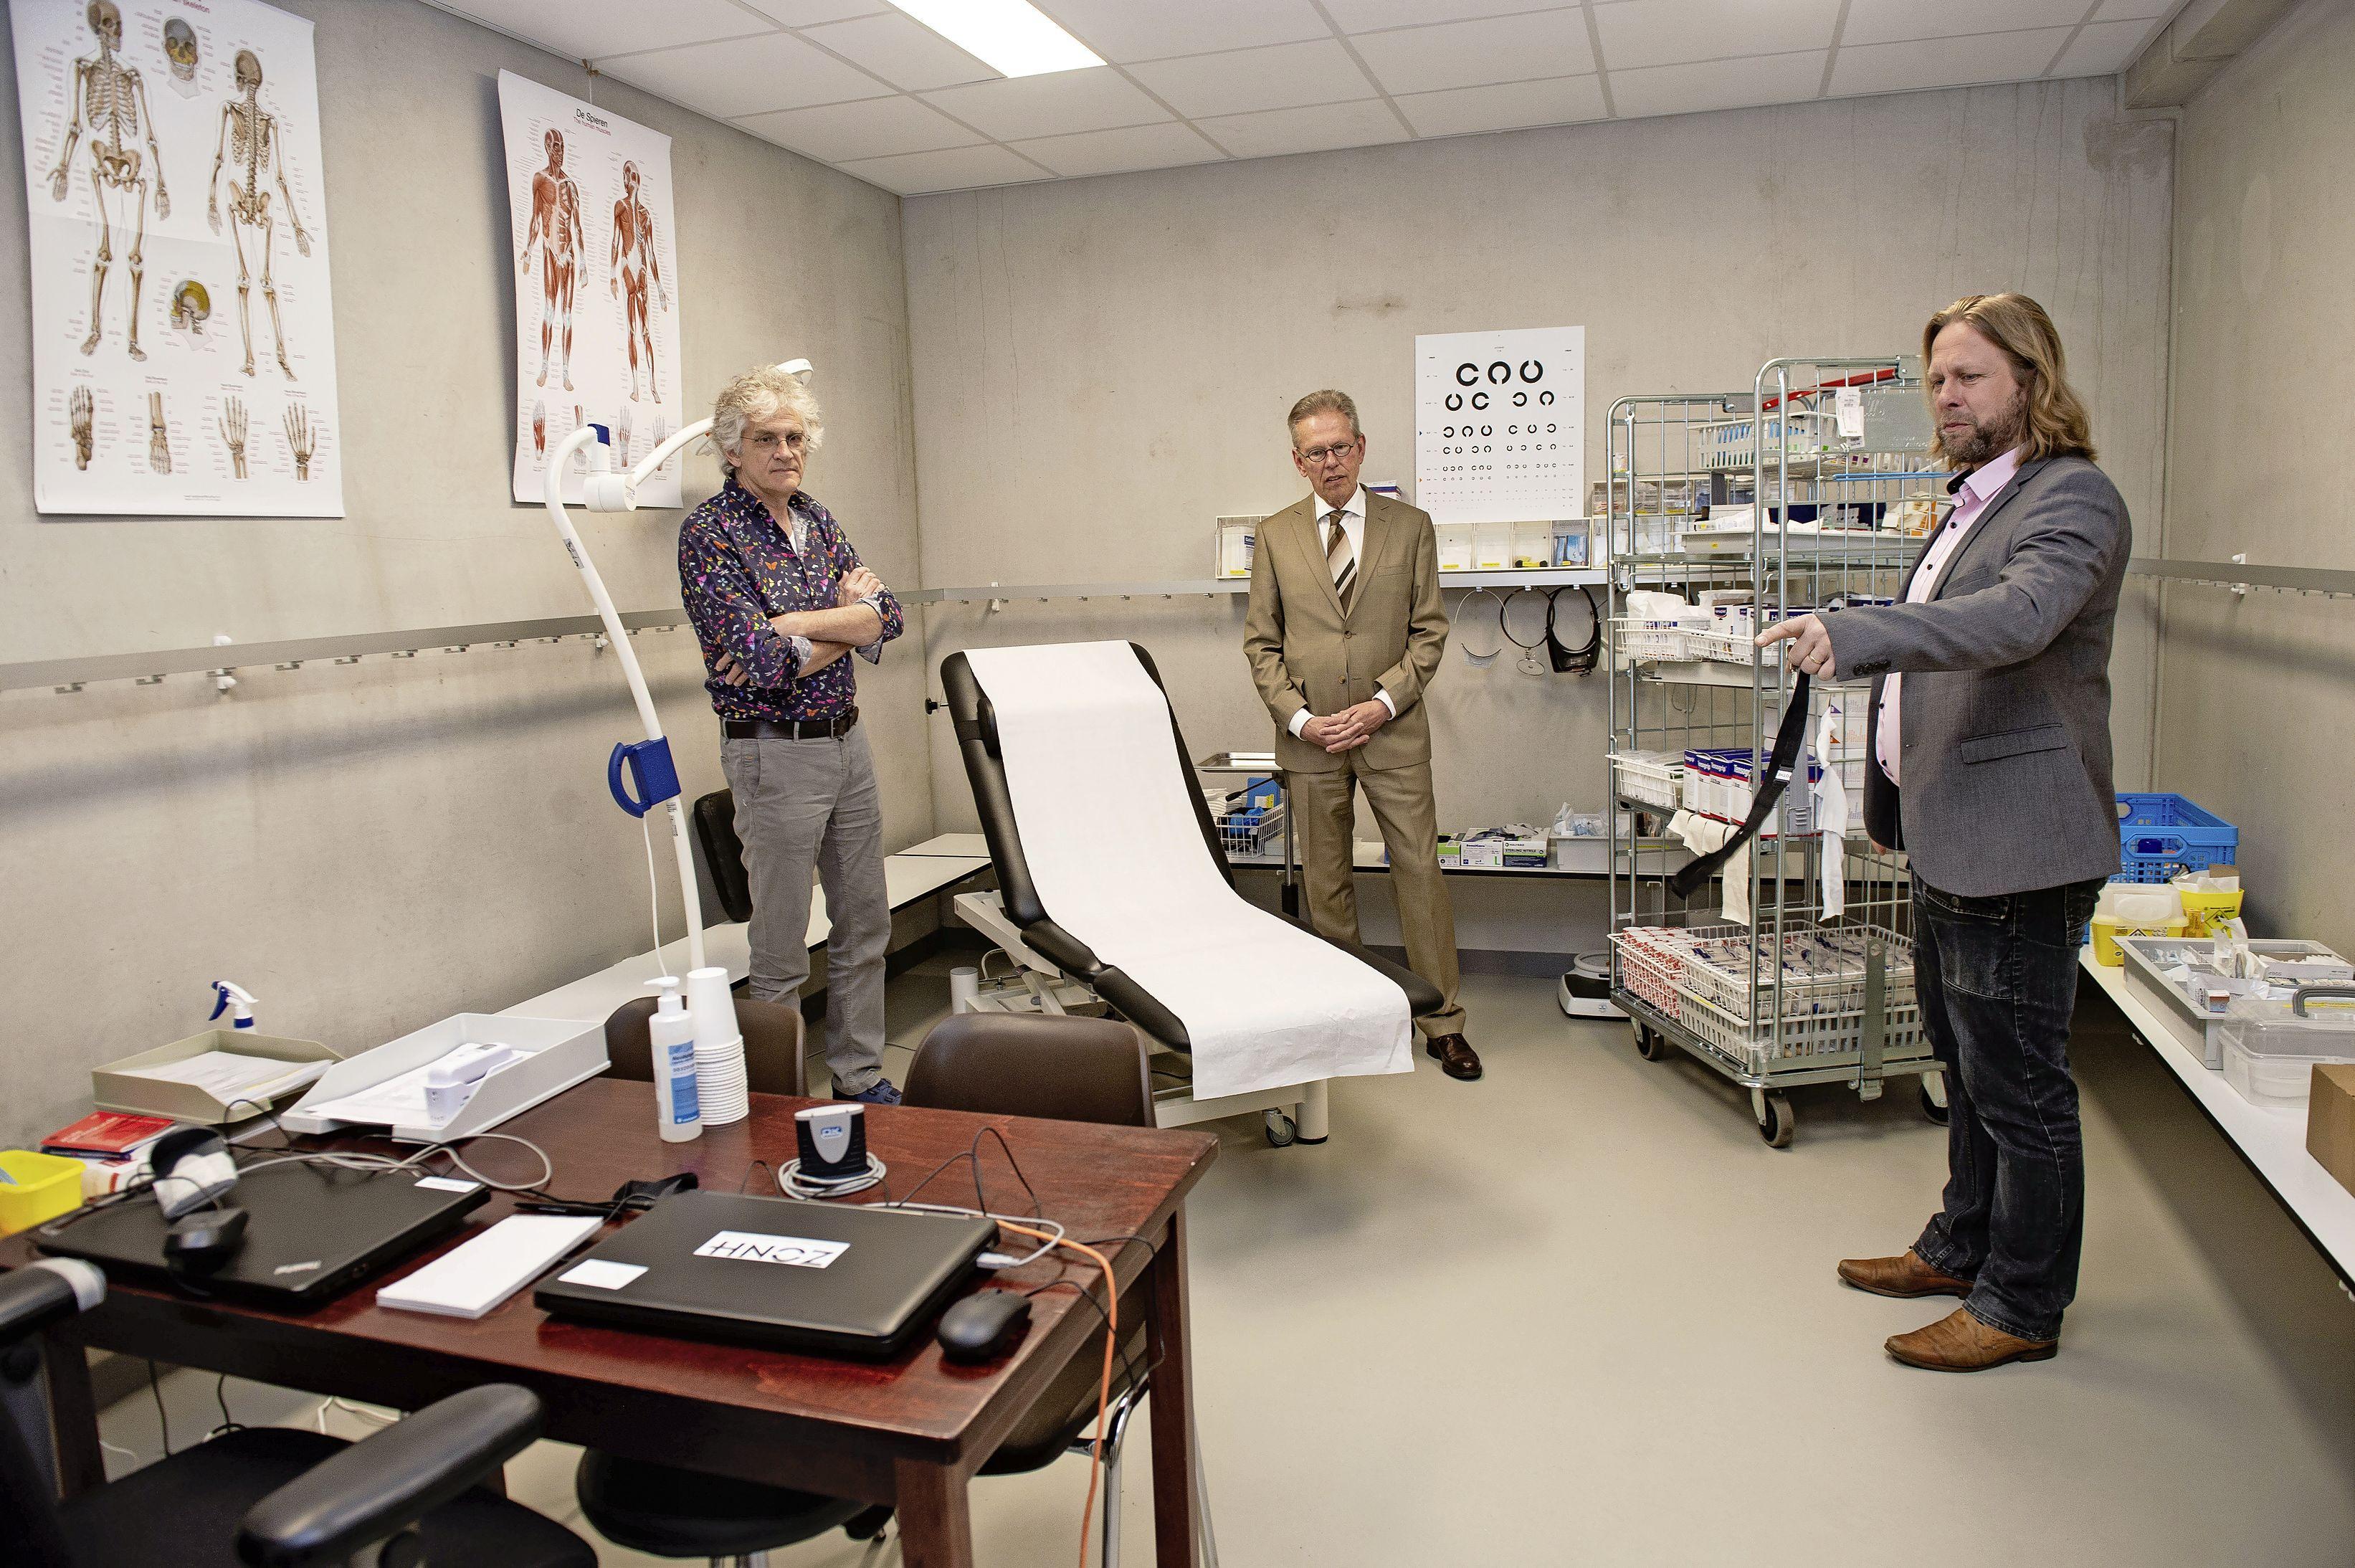 Vaccinatie 60-65 jaar vanaf woensdag in Beemster, vanaf maandag in Zaandam. Tweede prik AstraZeneca in week van 5 juli